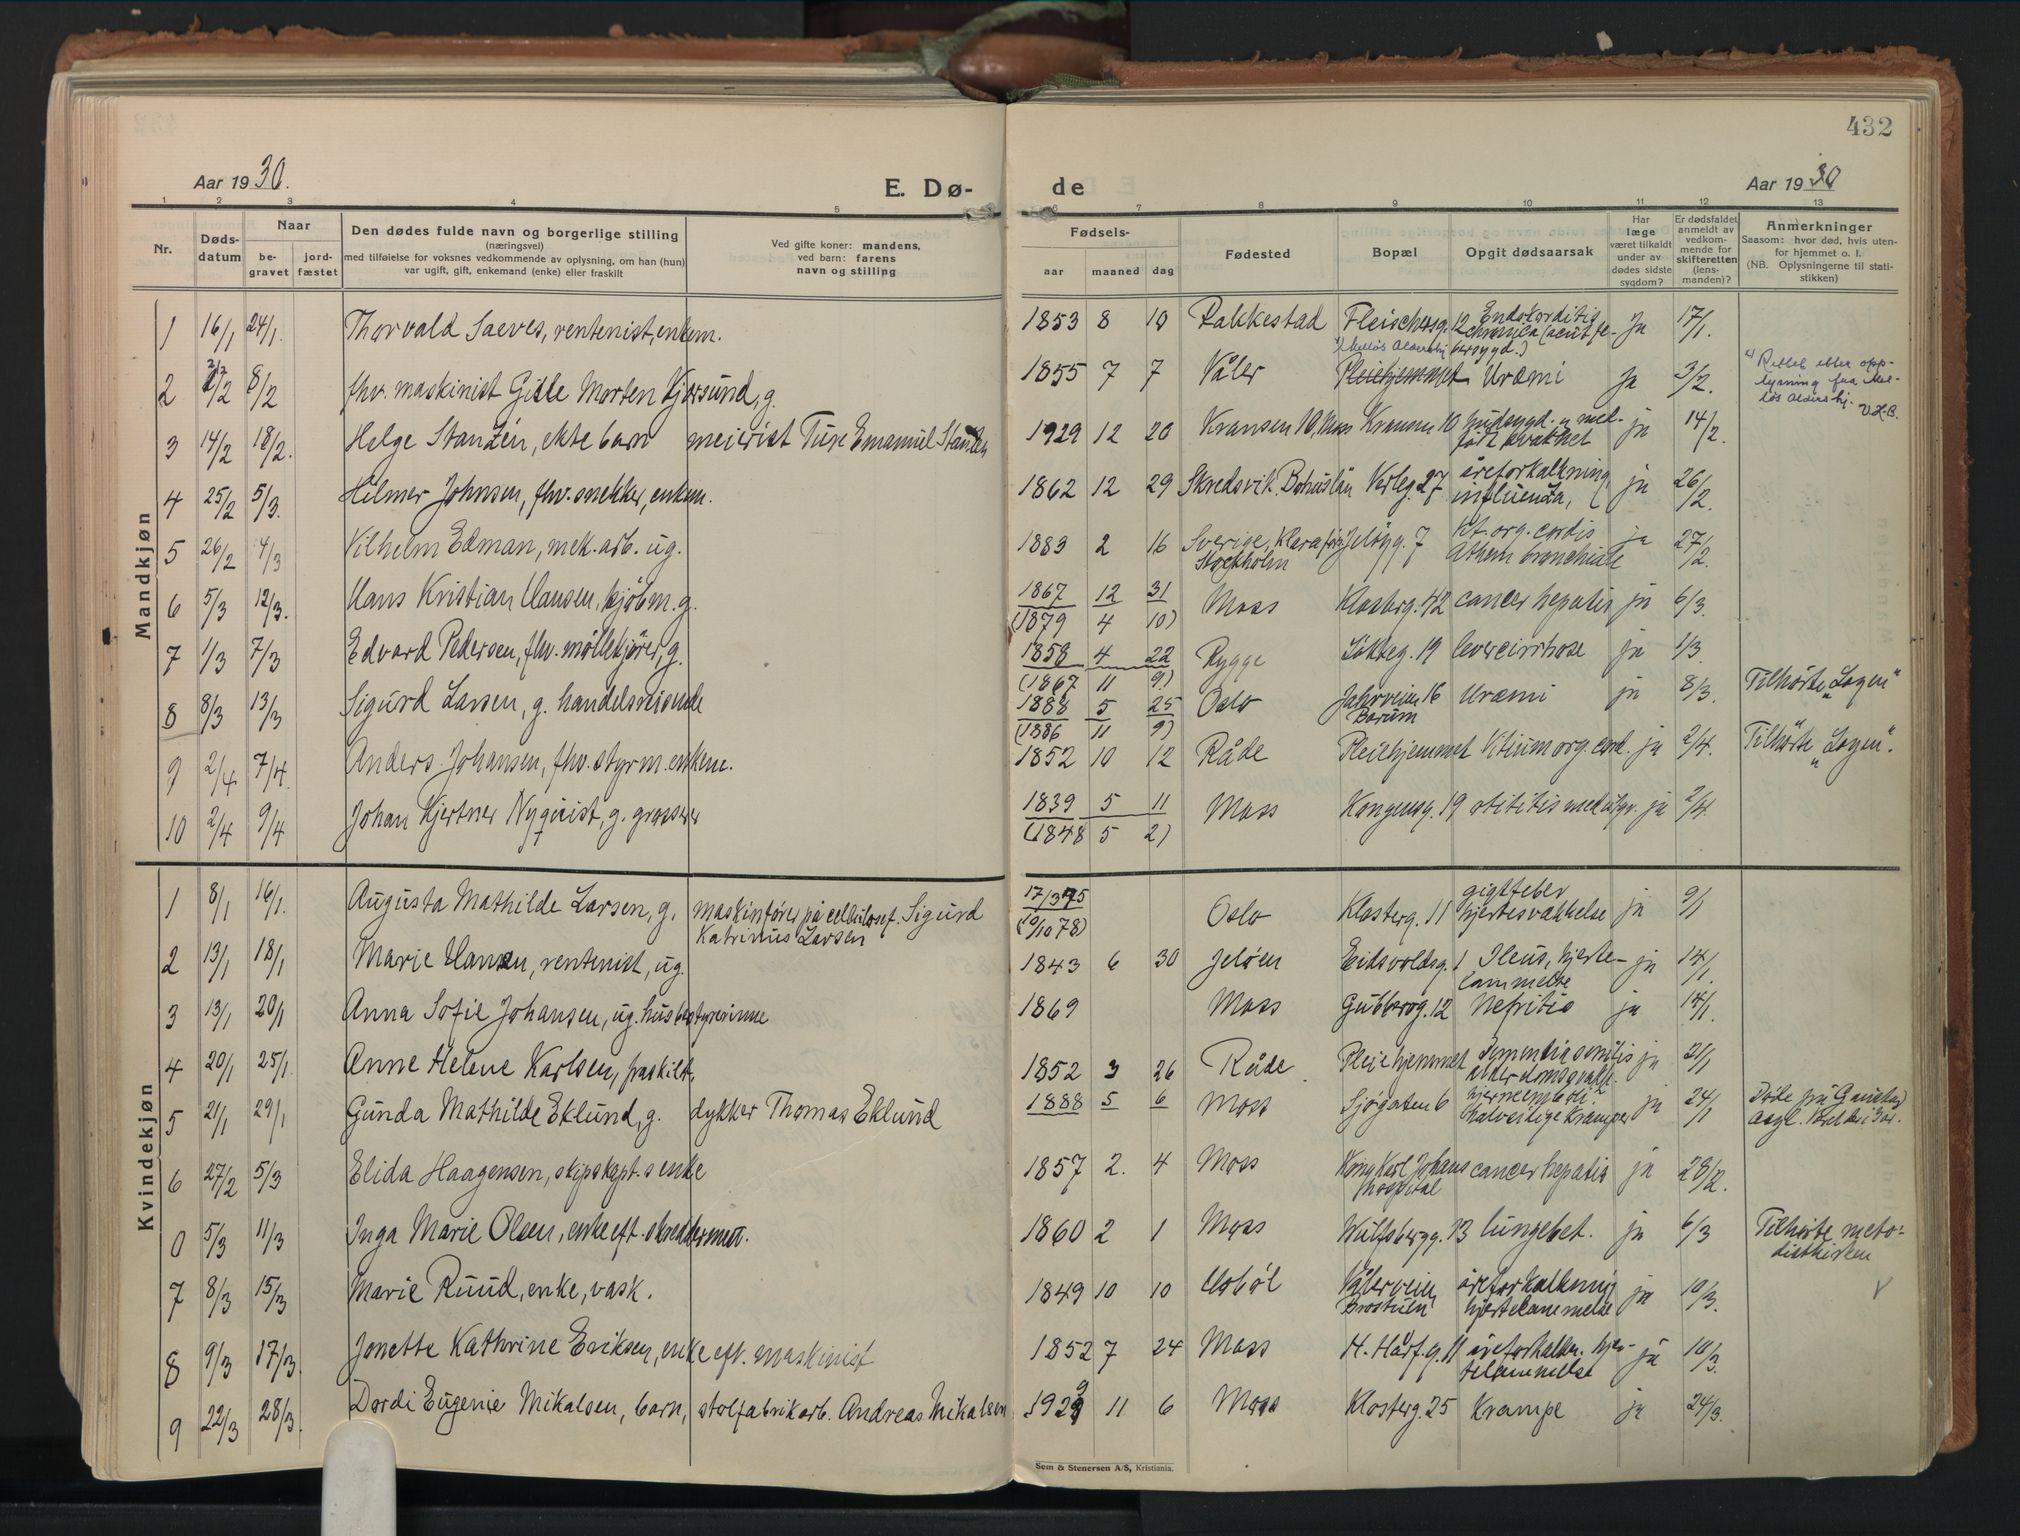 SAO, Moss prestekontor Kirkebøker, F/Fb/Fab/L0006: Ministerialbok nr. II 6, 1924-1932, s. 432